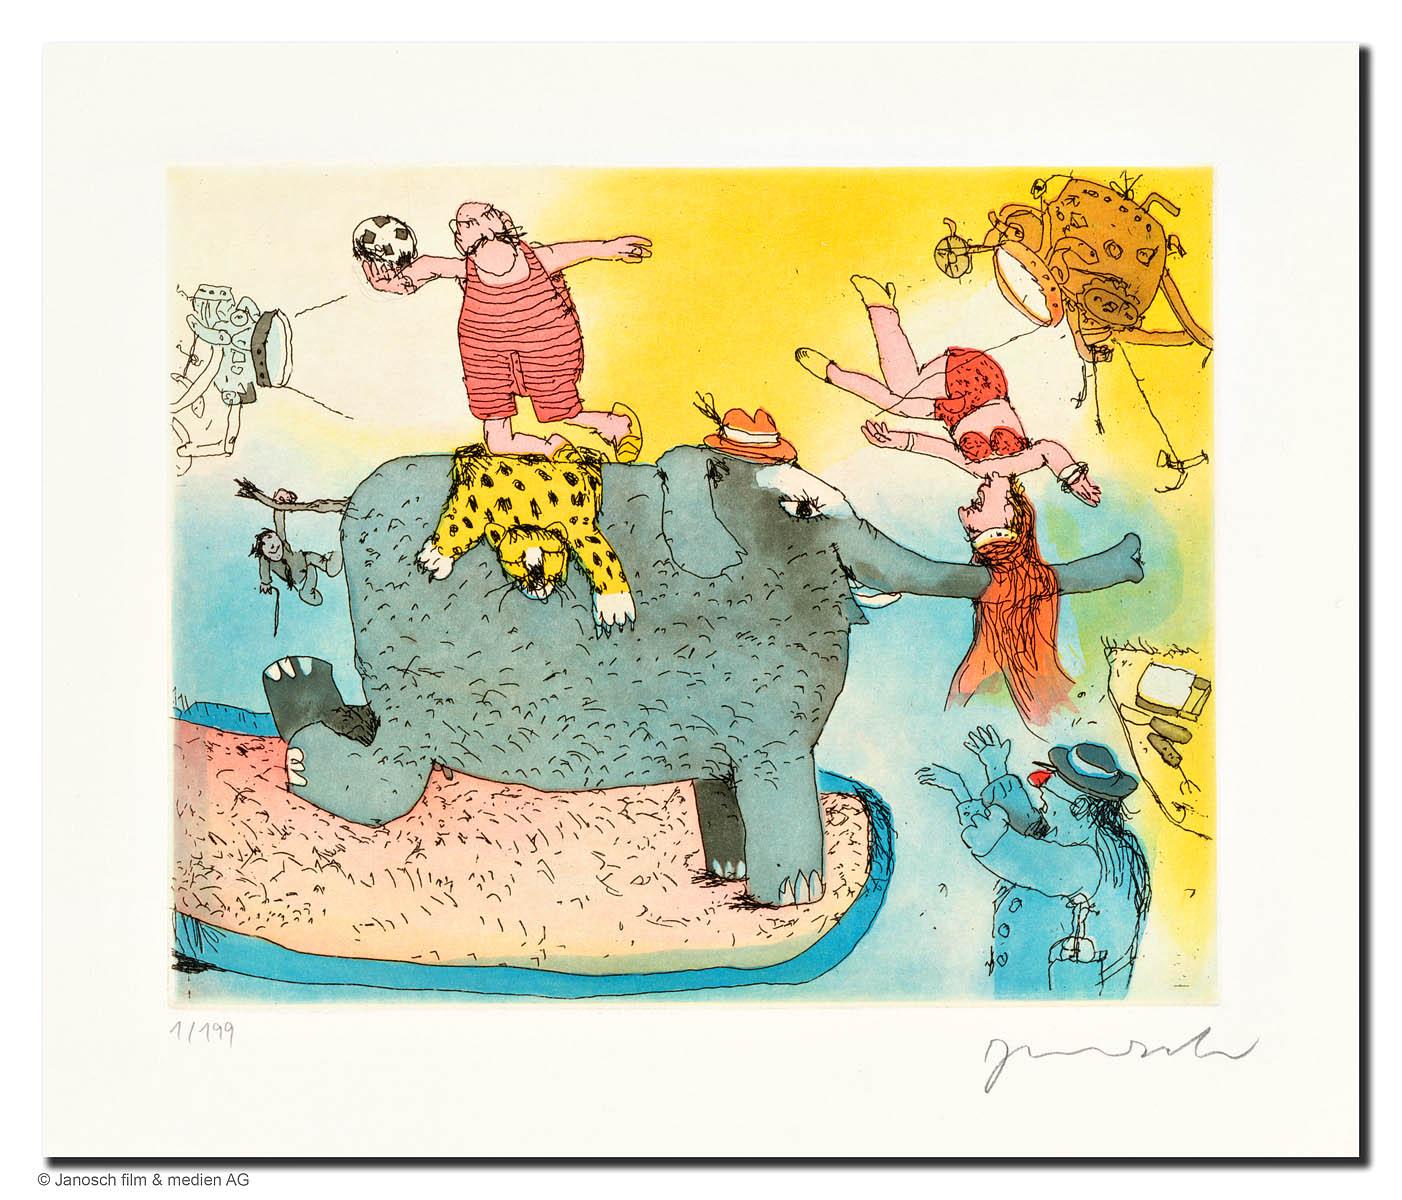 Janosch: Der Elefant steht hier im Licht, Farbradierung, Motiv 24 x 19 cm, Blattformat 45 x 35 cm, 355 eur. © Janosch film & medien AG